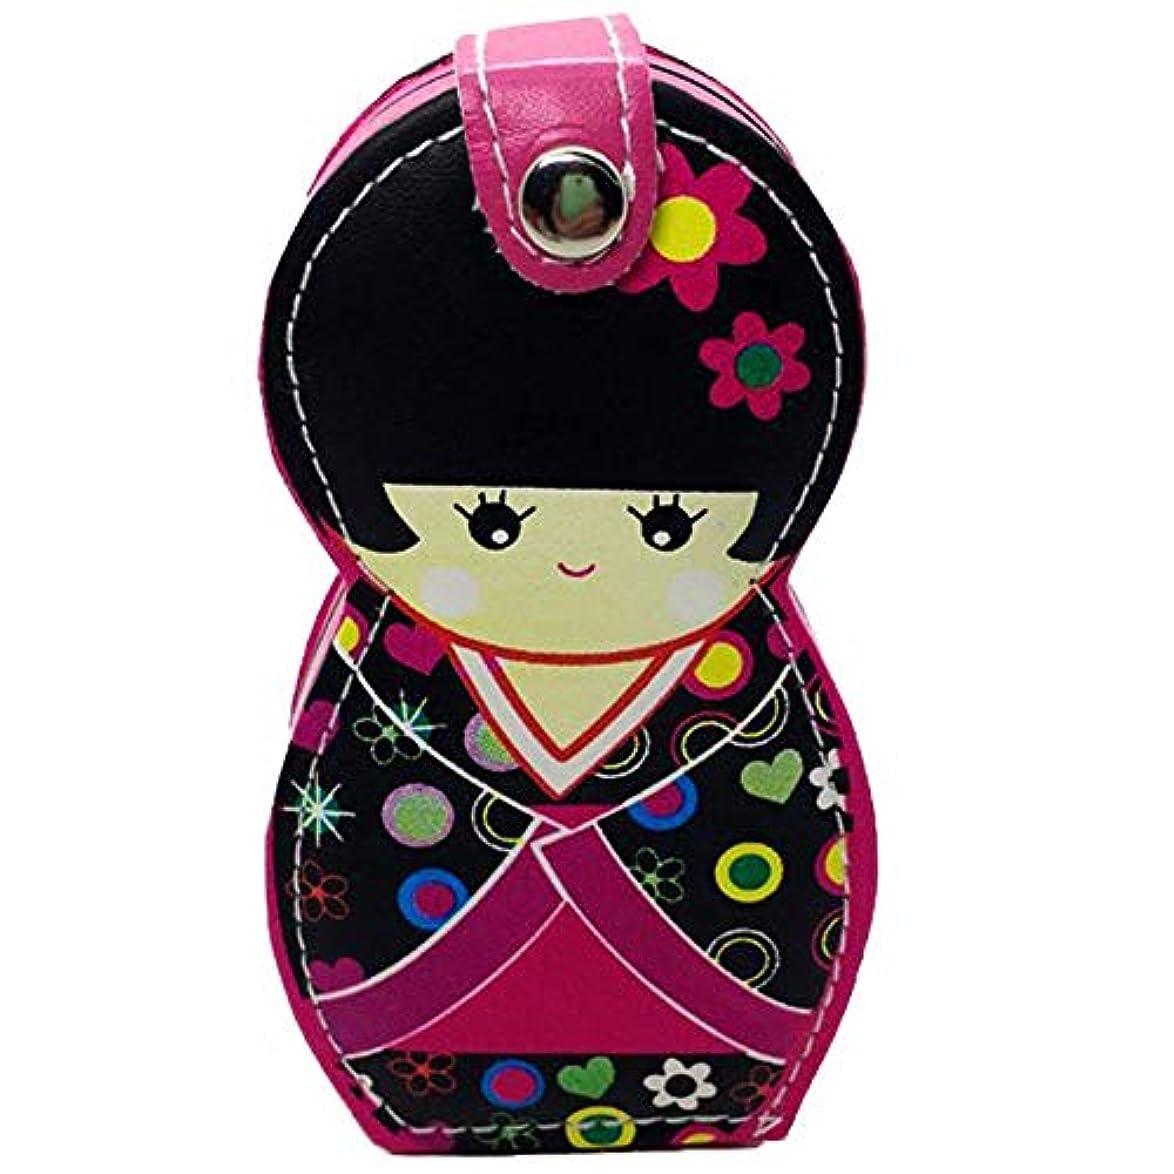 ブリッジ消費者ラップslQinjiansav ネイルアート&ツールポーチ6Pcs ロシア日本ドールネイルシザーキューティクルクリッパーマニキュアクリーニングツール - ホワイト